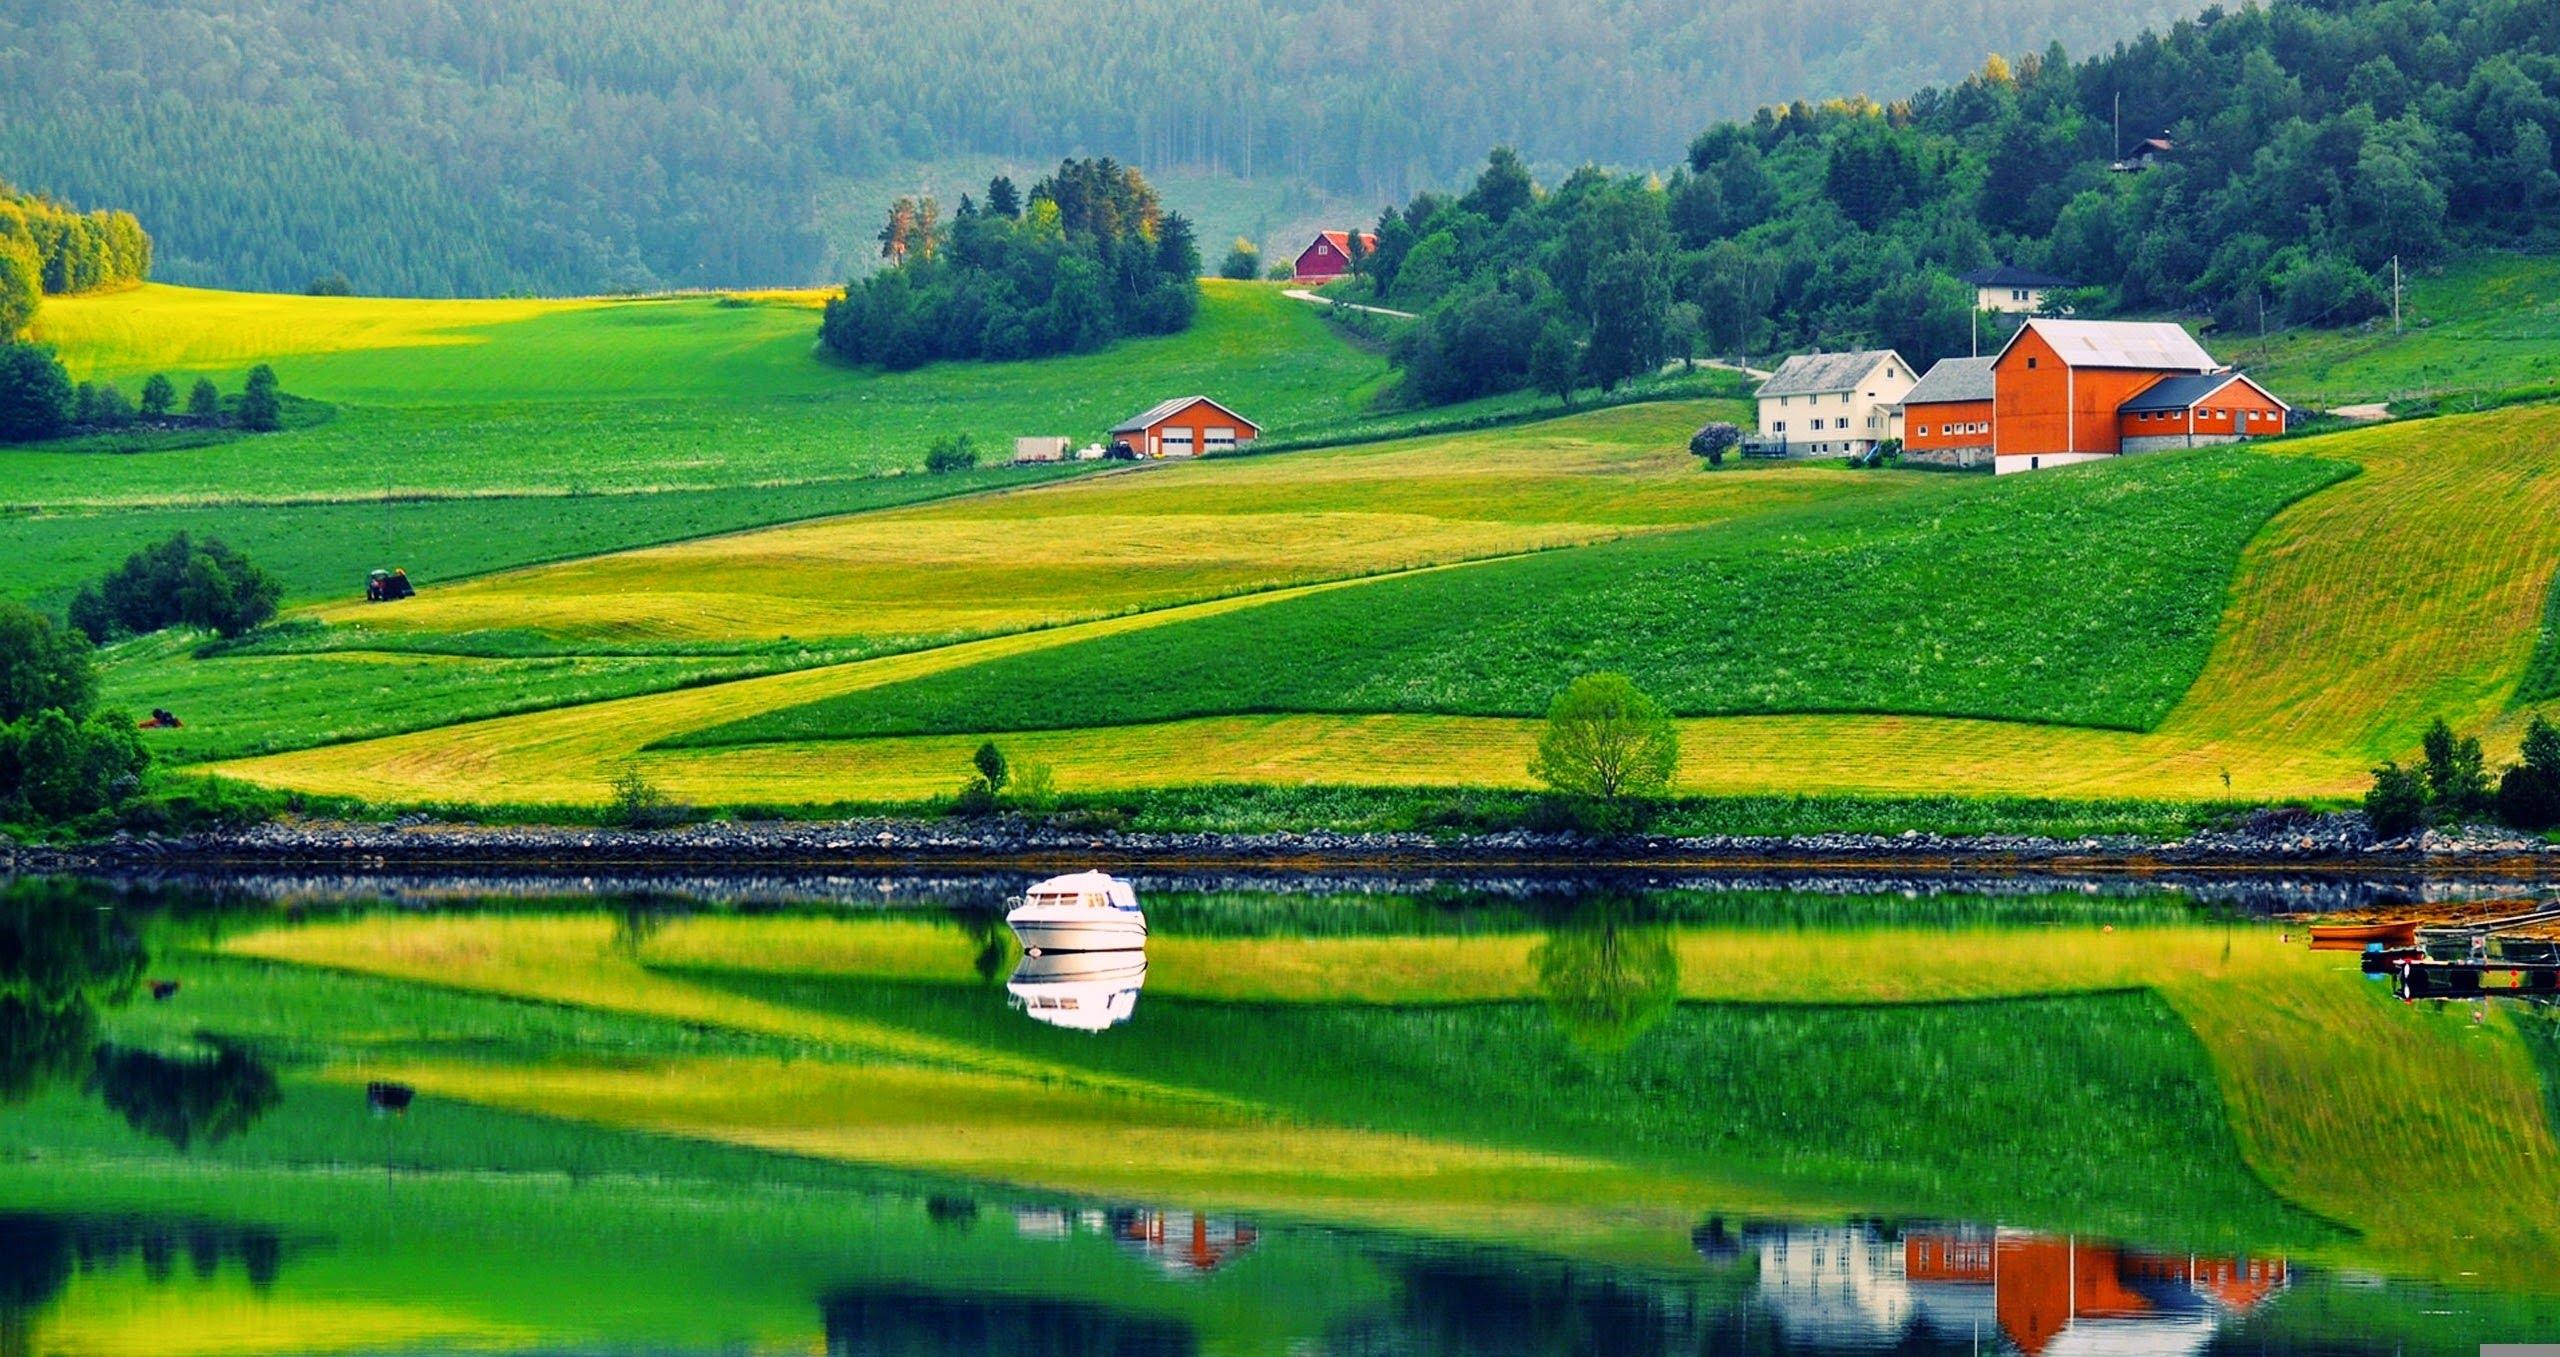 صورة صور الطبيعة الخلابة , اجمل الصور لمناظر طبيعية